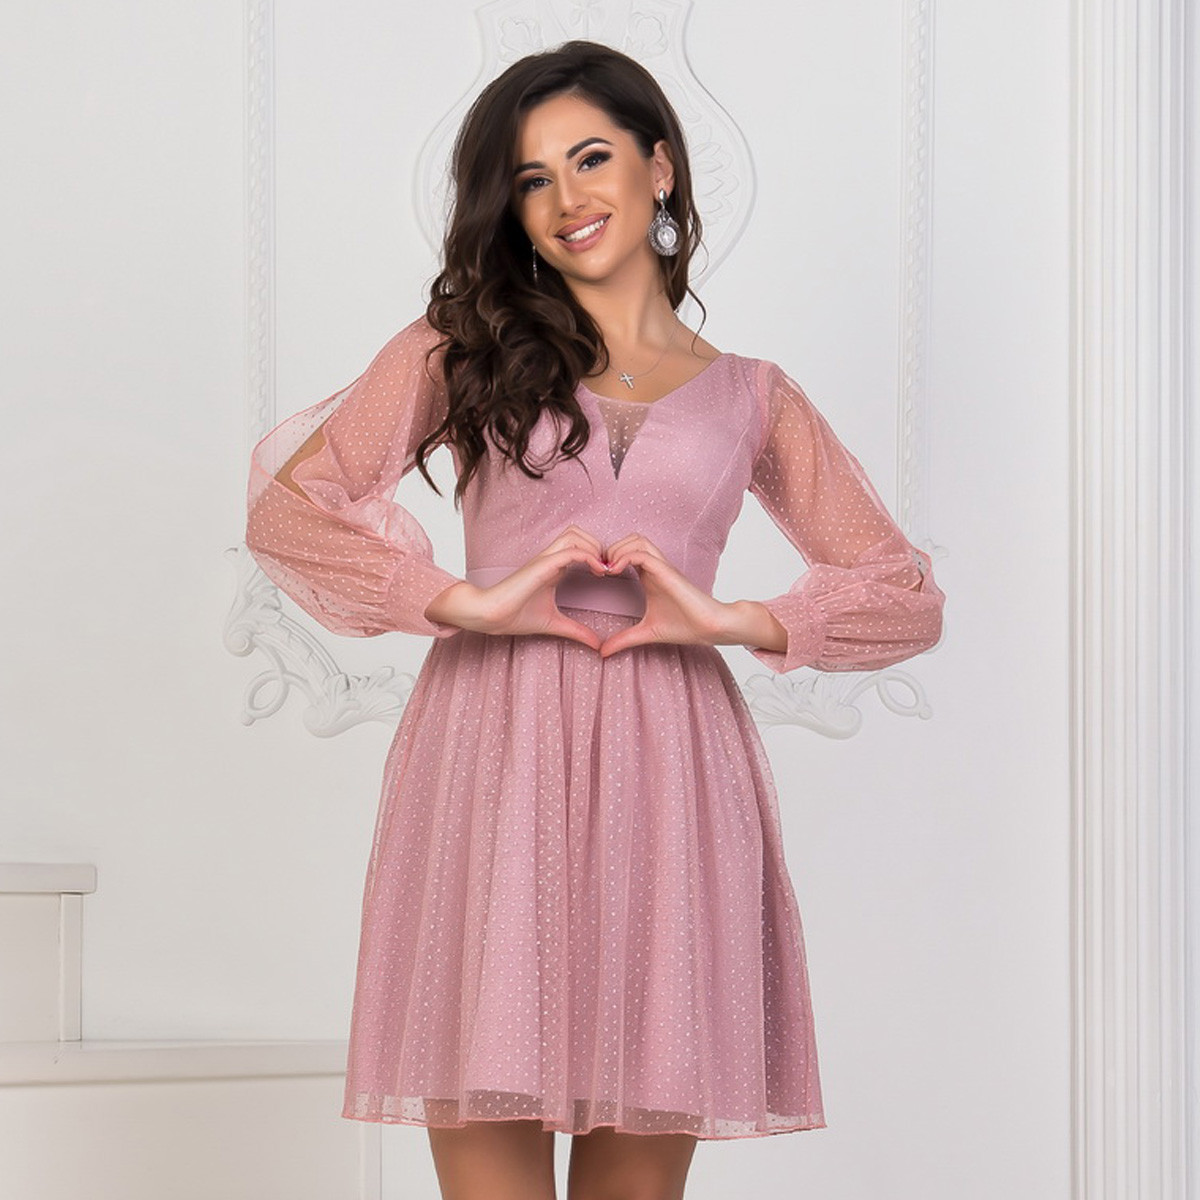 """Випускний, вечірній рожеве блискуче плаття """"Салюте"""""""